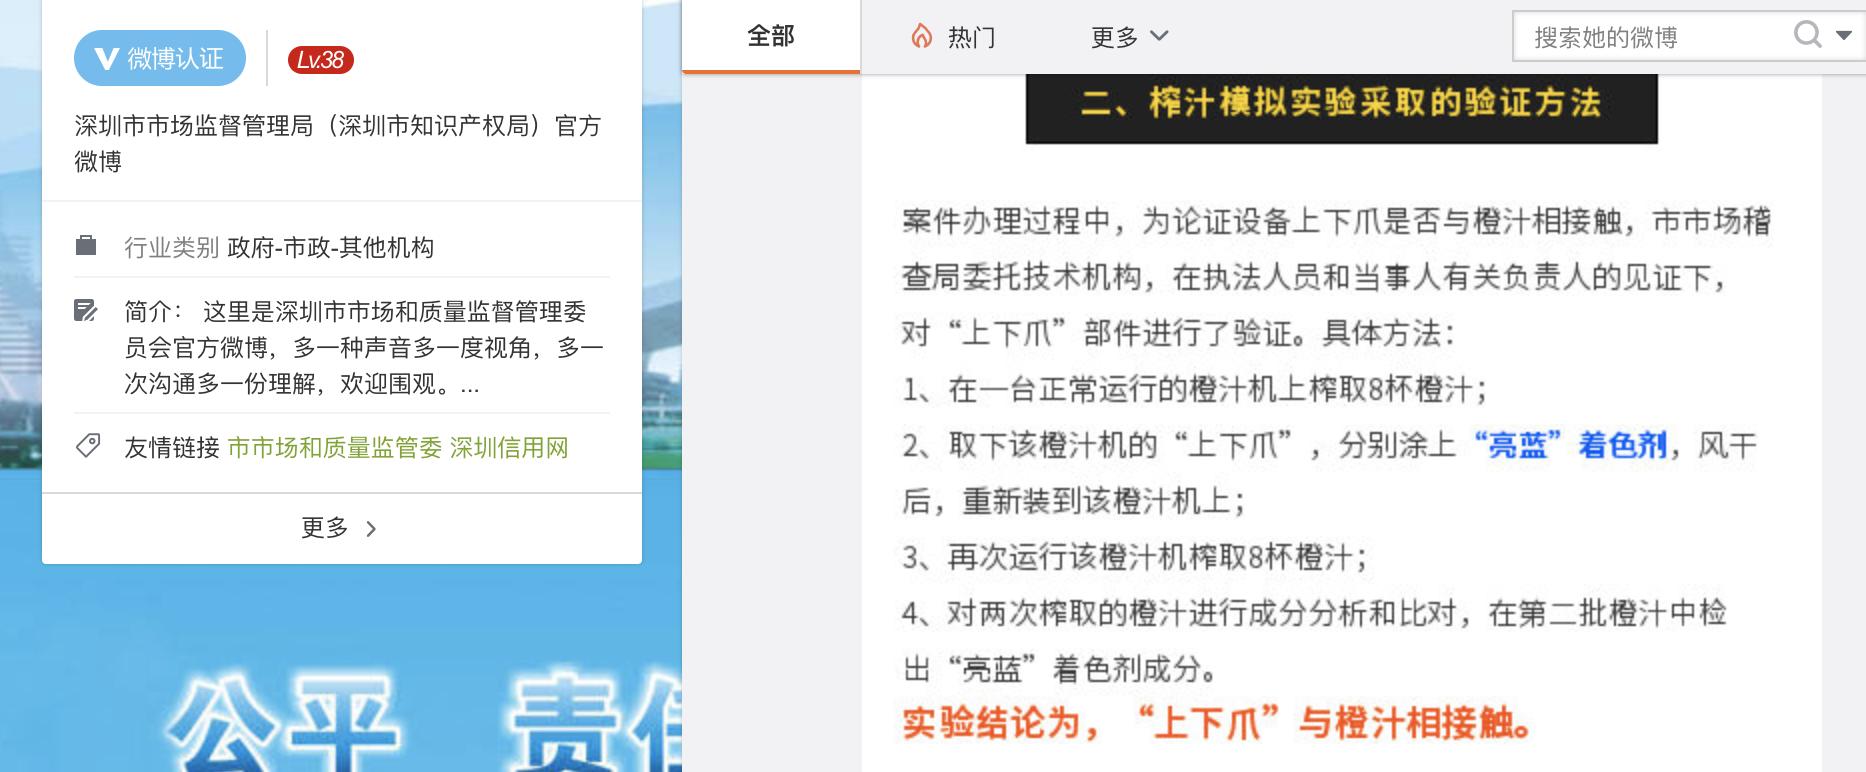 天使之橙宣布暂停在深圳市场经营活动,是否违规沪深结论不一